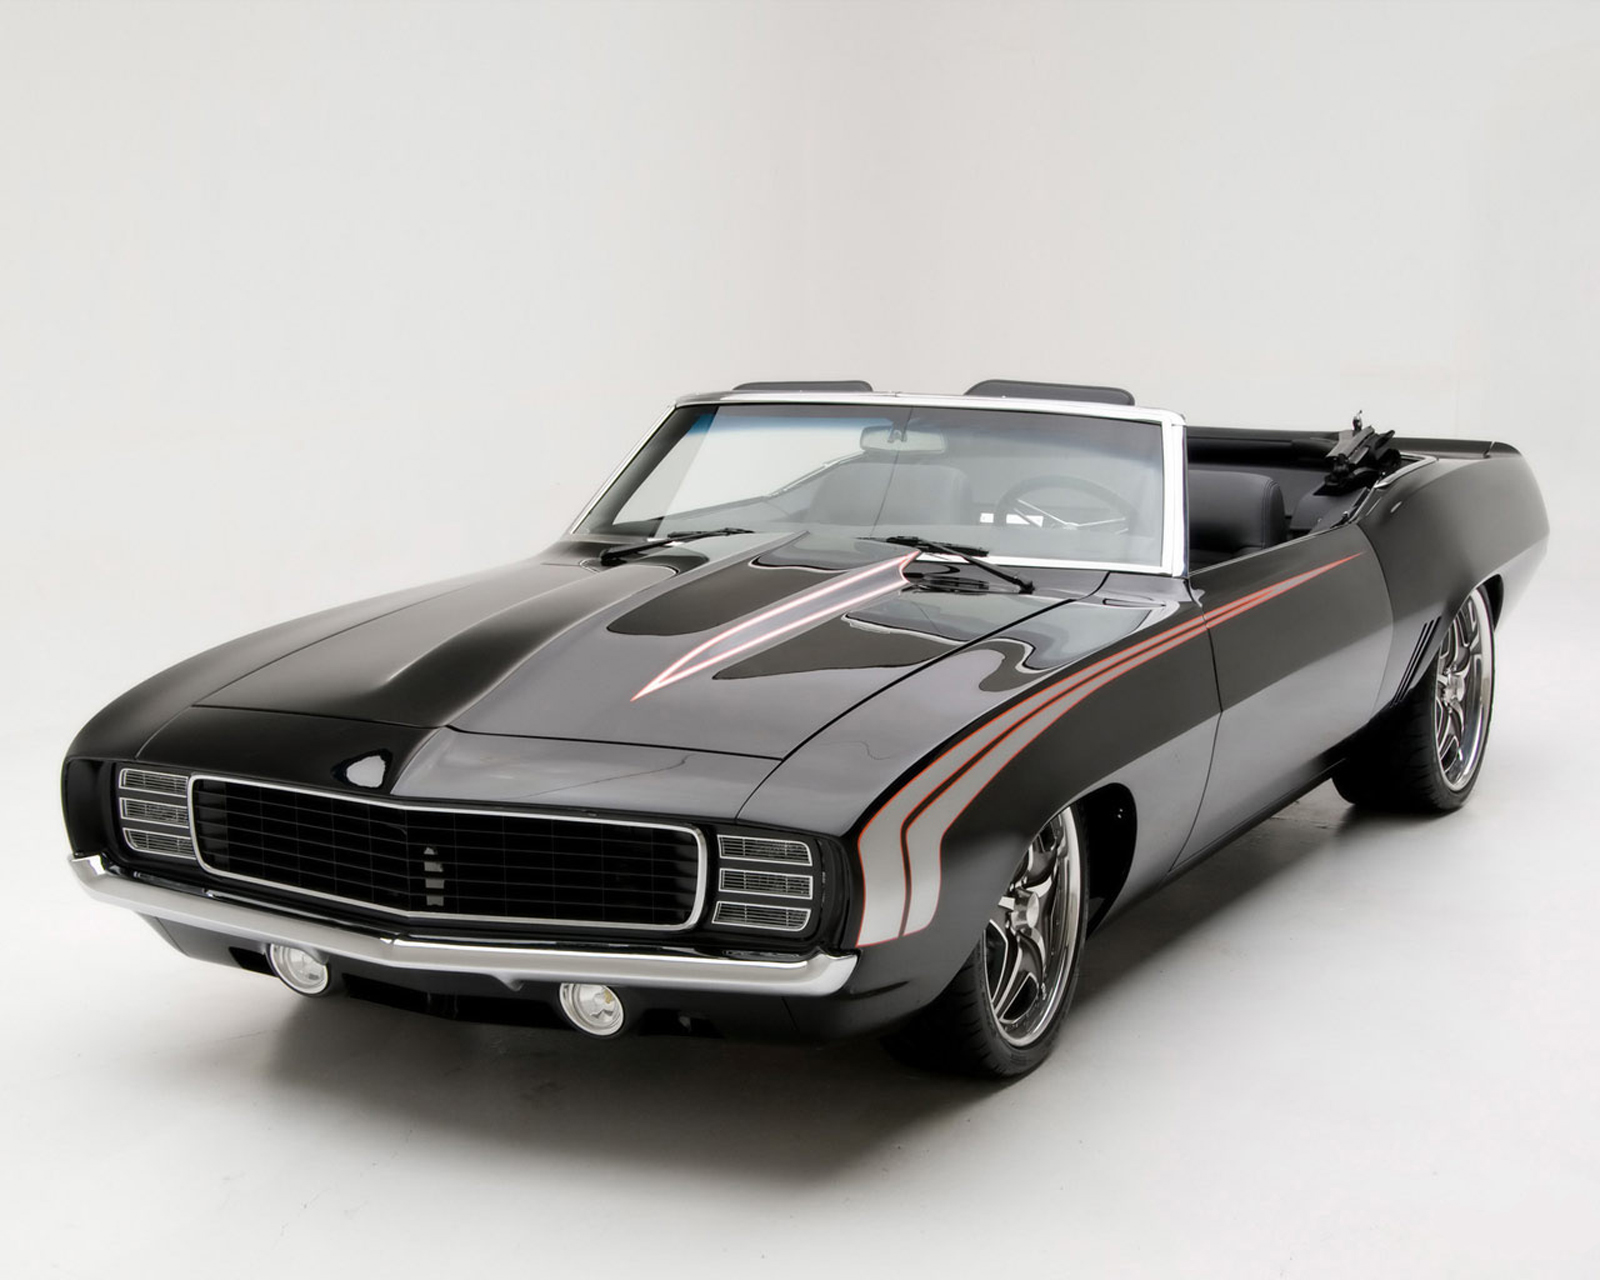 http://1.bp.blogspot.com/-rzdAtnK4WSc/ToSB8um5grI/AAAAAAAABbE/WDDgoFHZaxA/s1600/Chevrolet_Camaro_Roadster_HD_Wallpapers_Vvallpaper.net.jpg